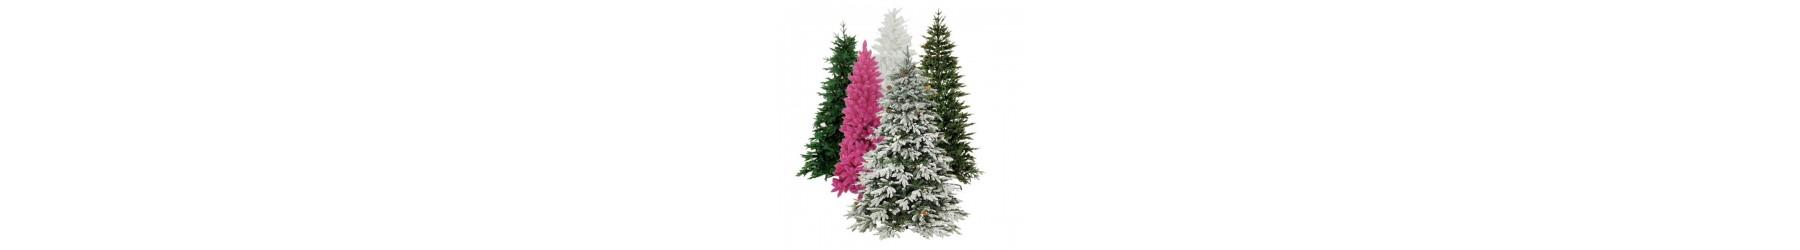 Η μεγαλύτερη συλλογή σε όλους τους τύπους Χριστουγεννιάτικων δέντρων